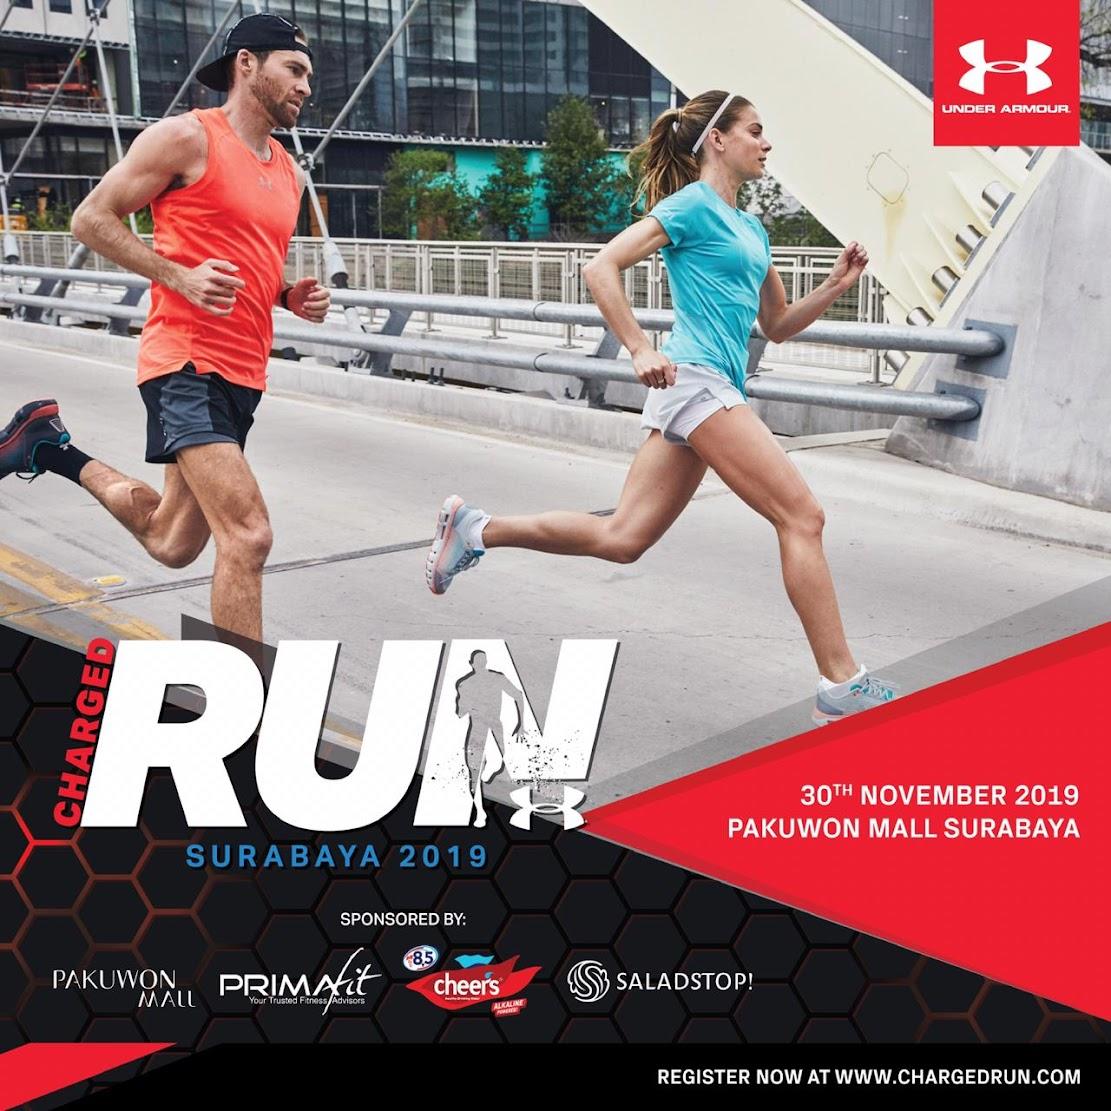 Charged Run - Surabaya • 2019